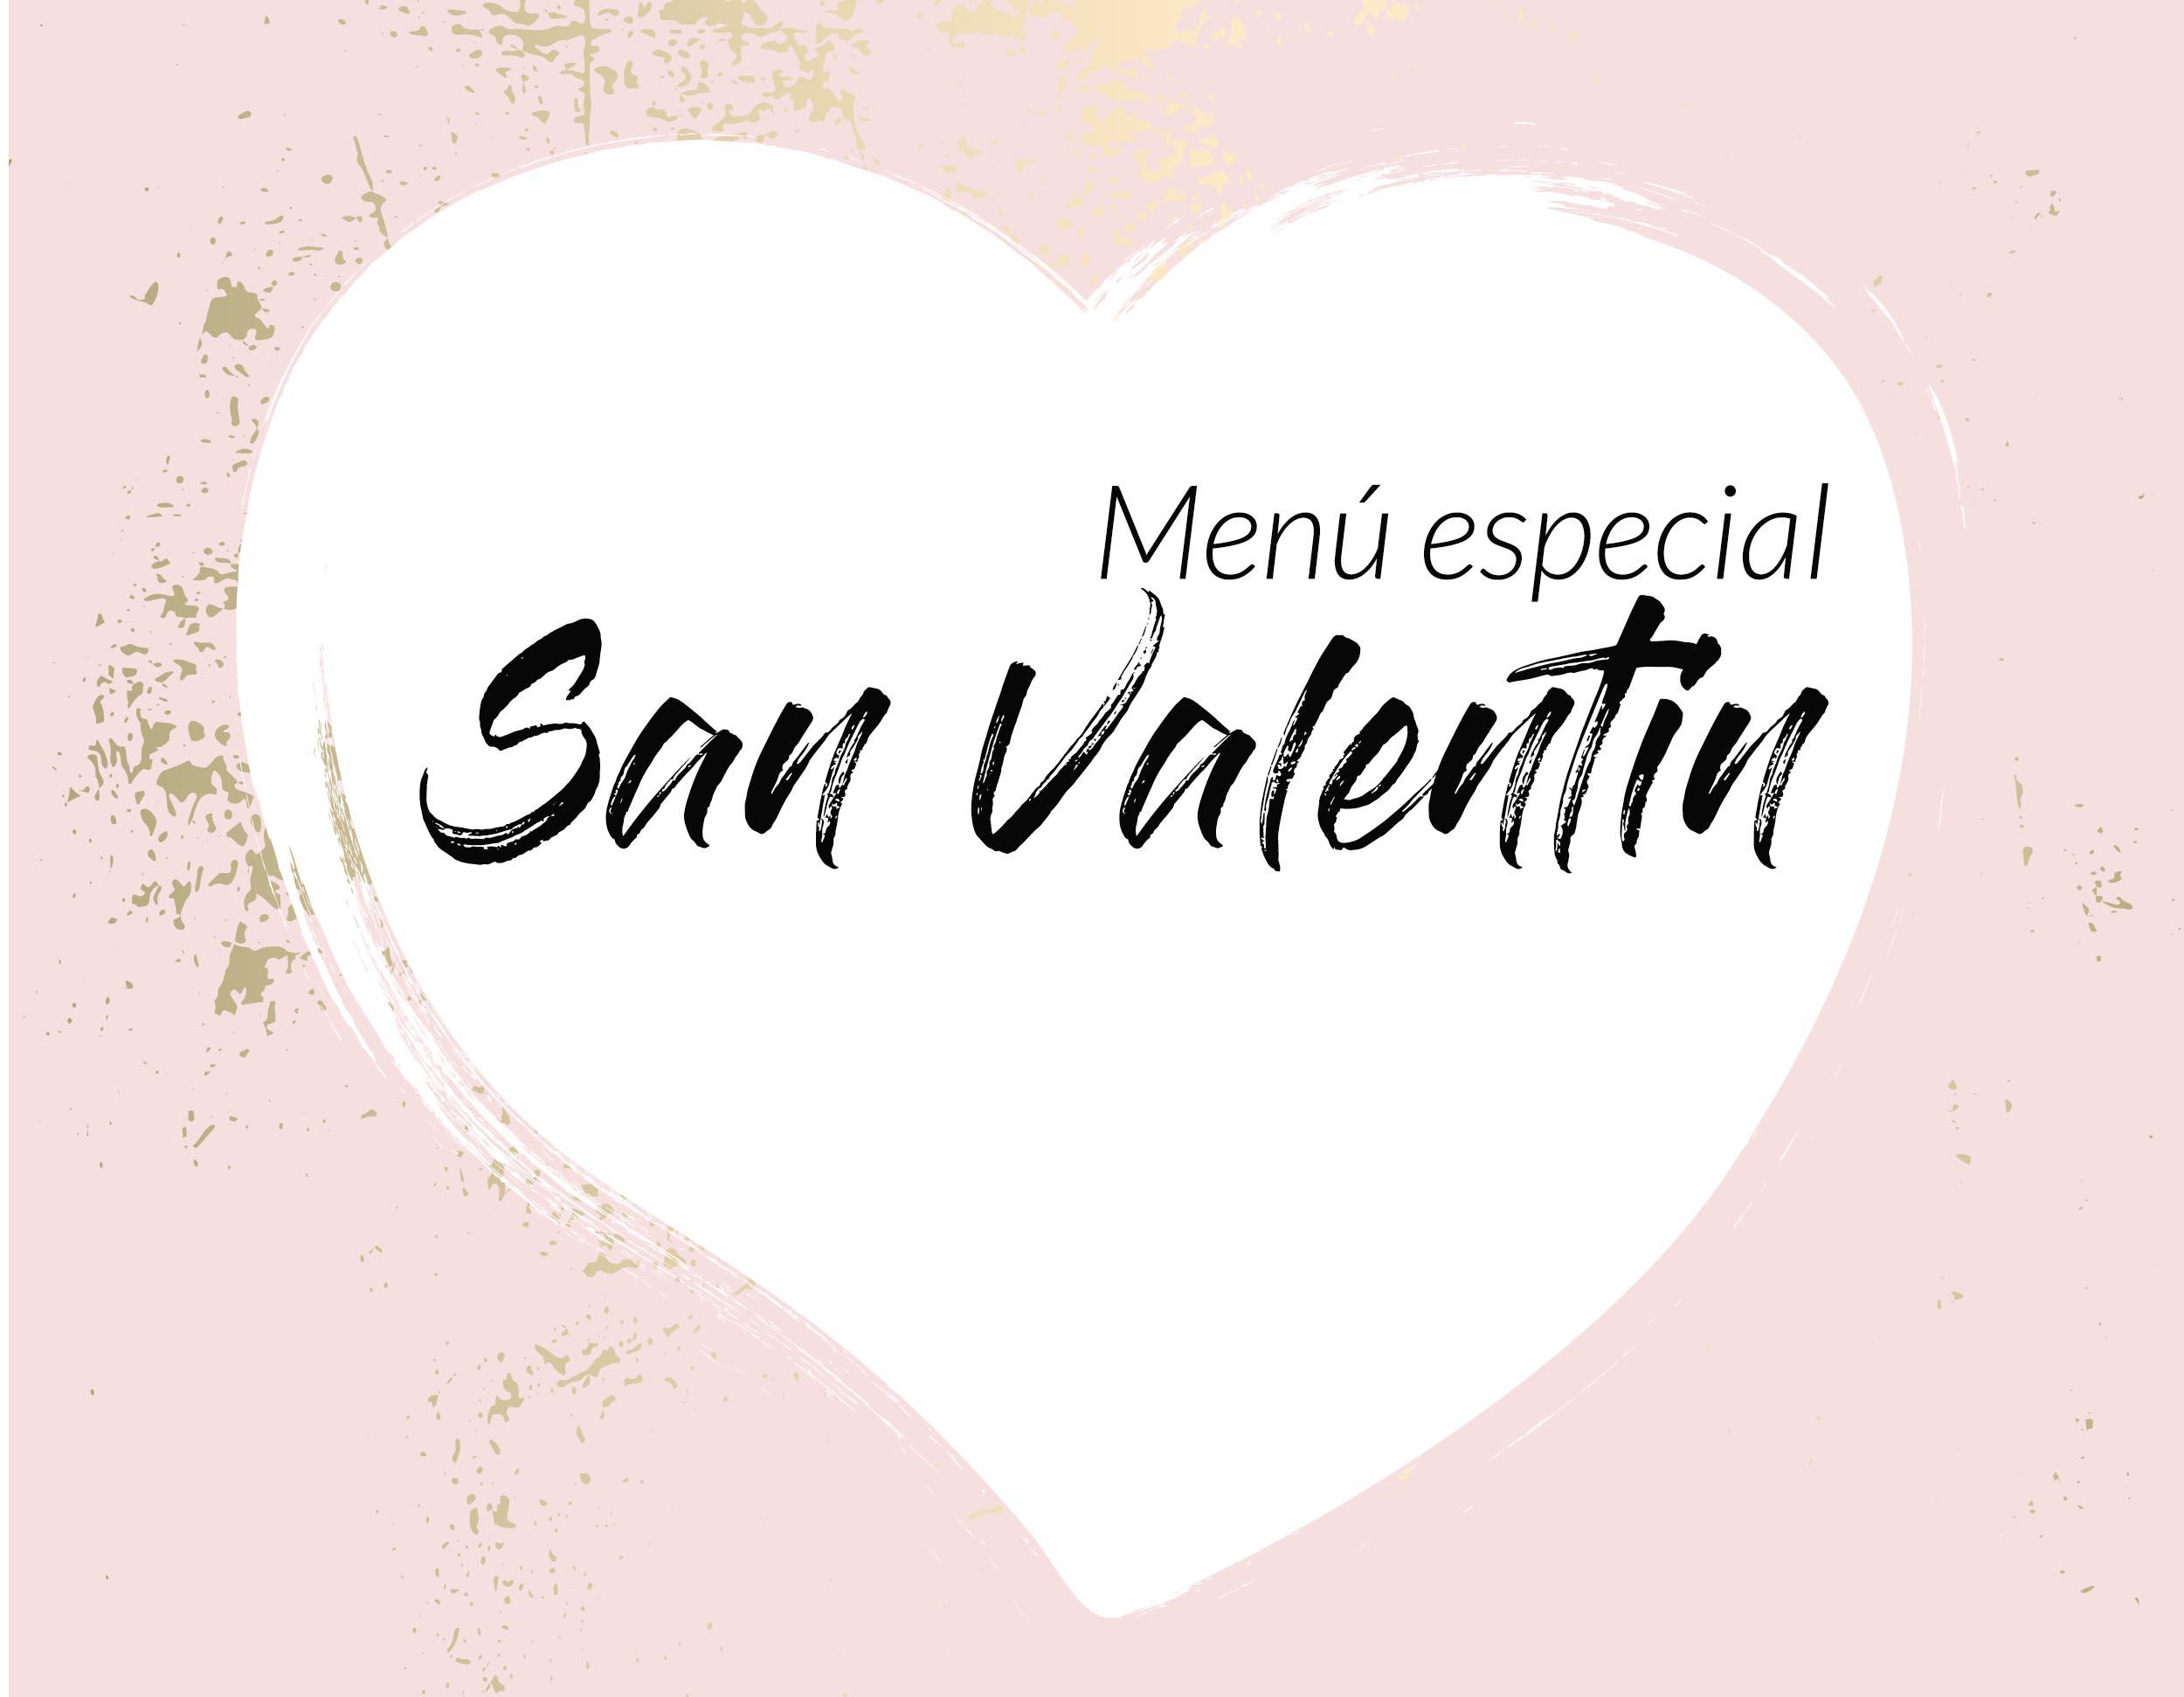 Menú especial San Valentín en Aldebarán